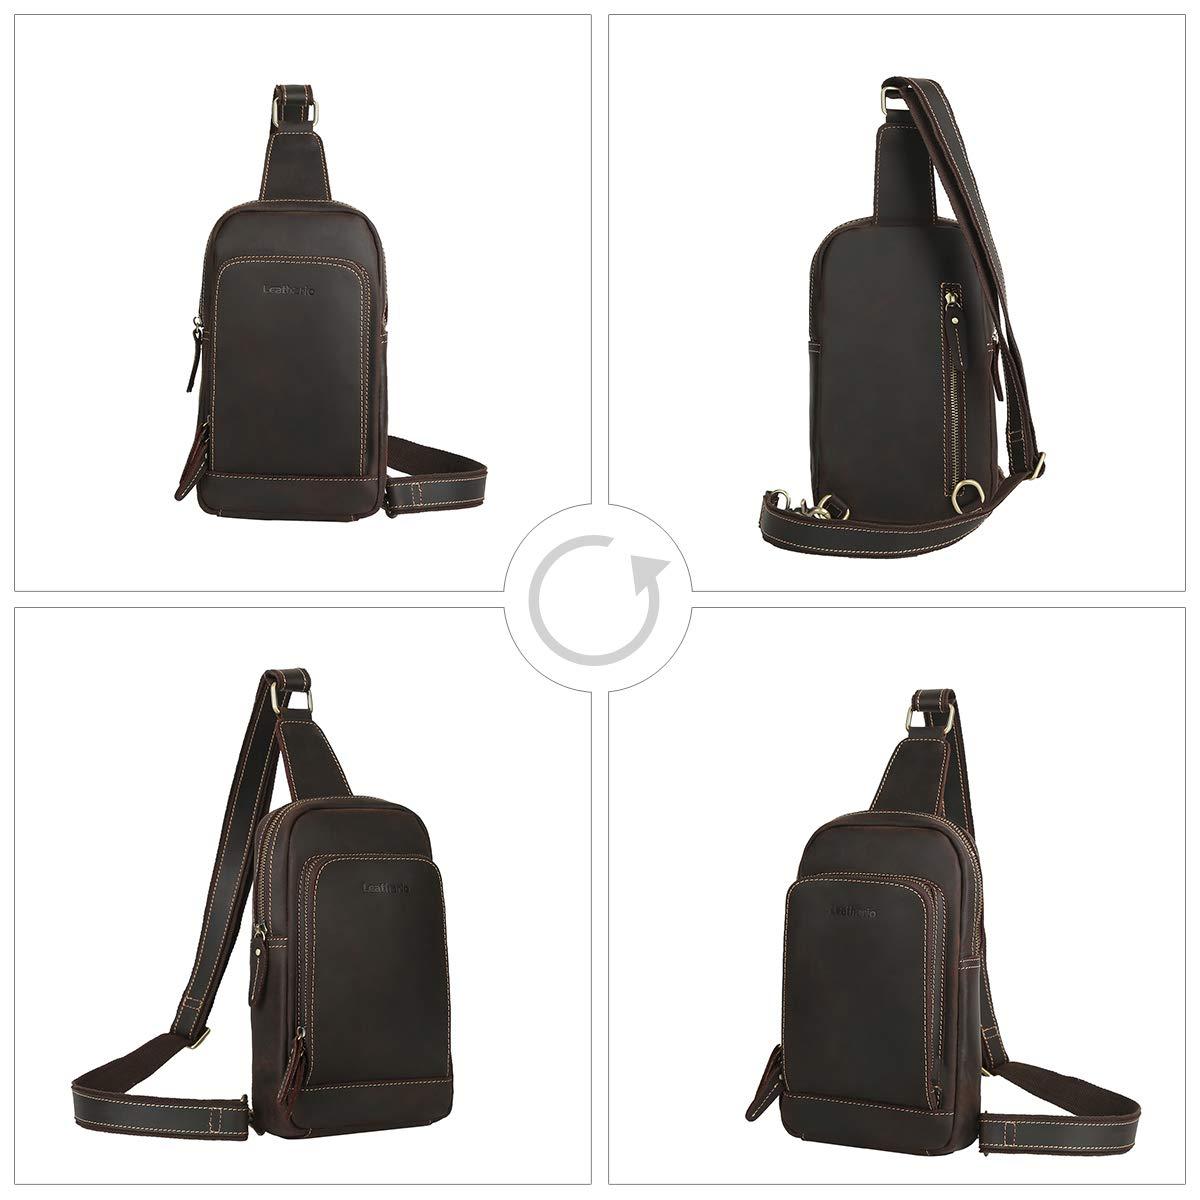 Leathario crossbody väska män äkta läder axelremsväska bröstväska vintage multifunktionell stöldsäker affärer vardaglig utomhus resor Dark Brown71